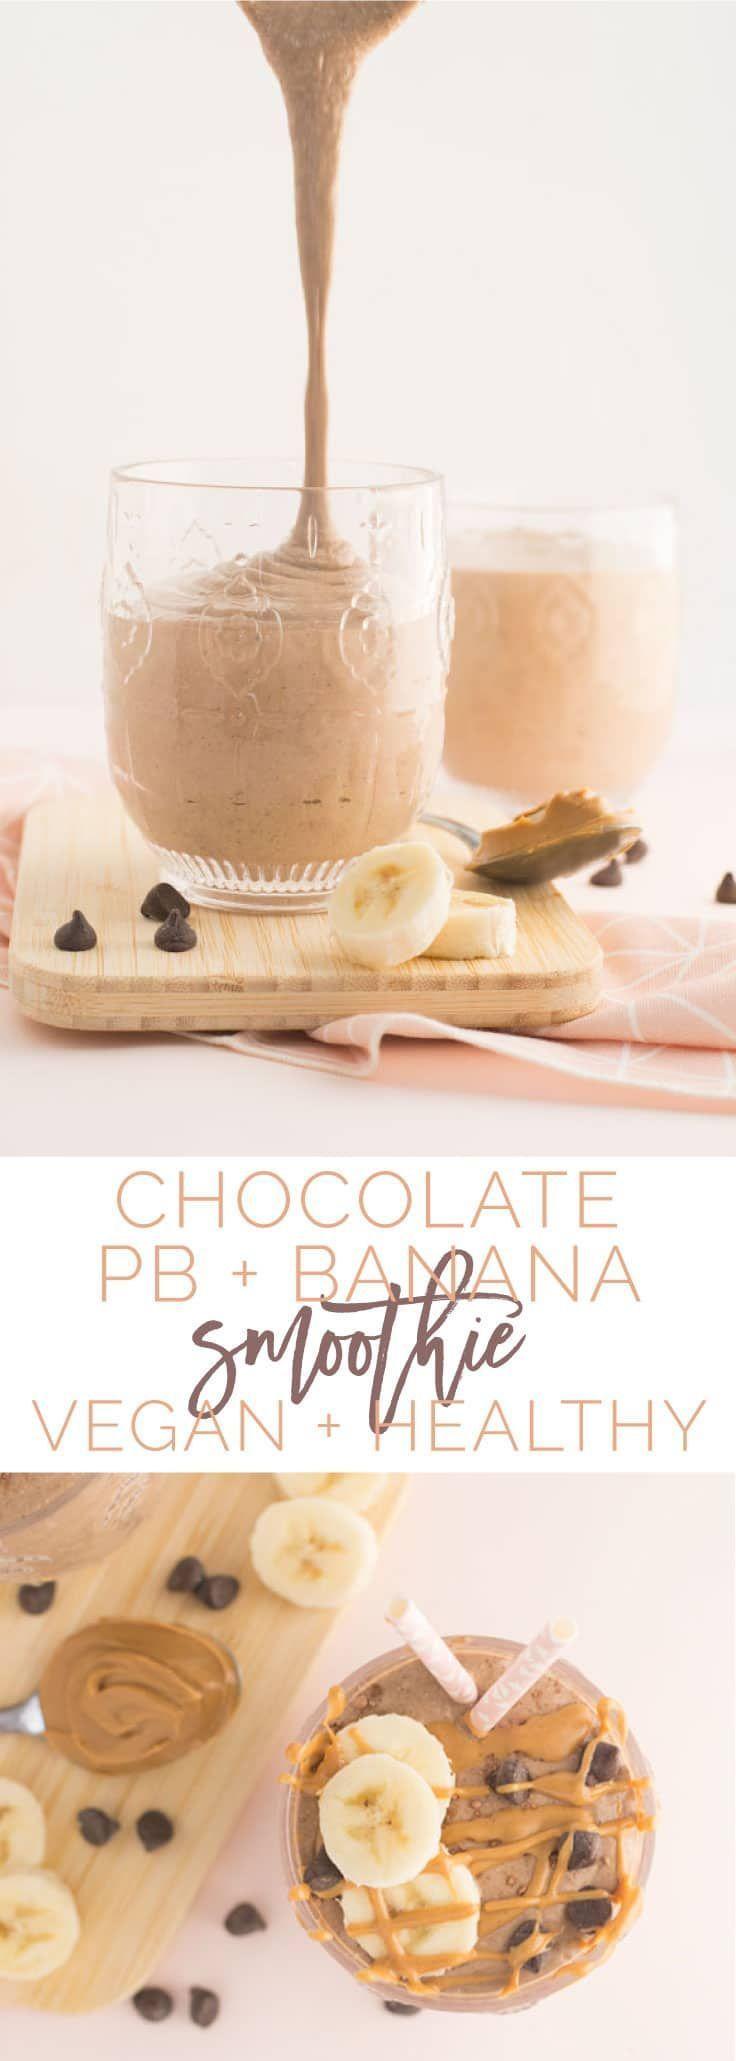 Schokoladen-Erdnussbutter-Bananen-Smoothie - Dieses gesunde vegane Smoothie-Rezept ...  - Mindful